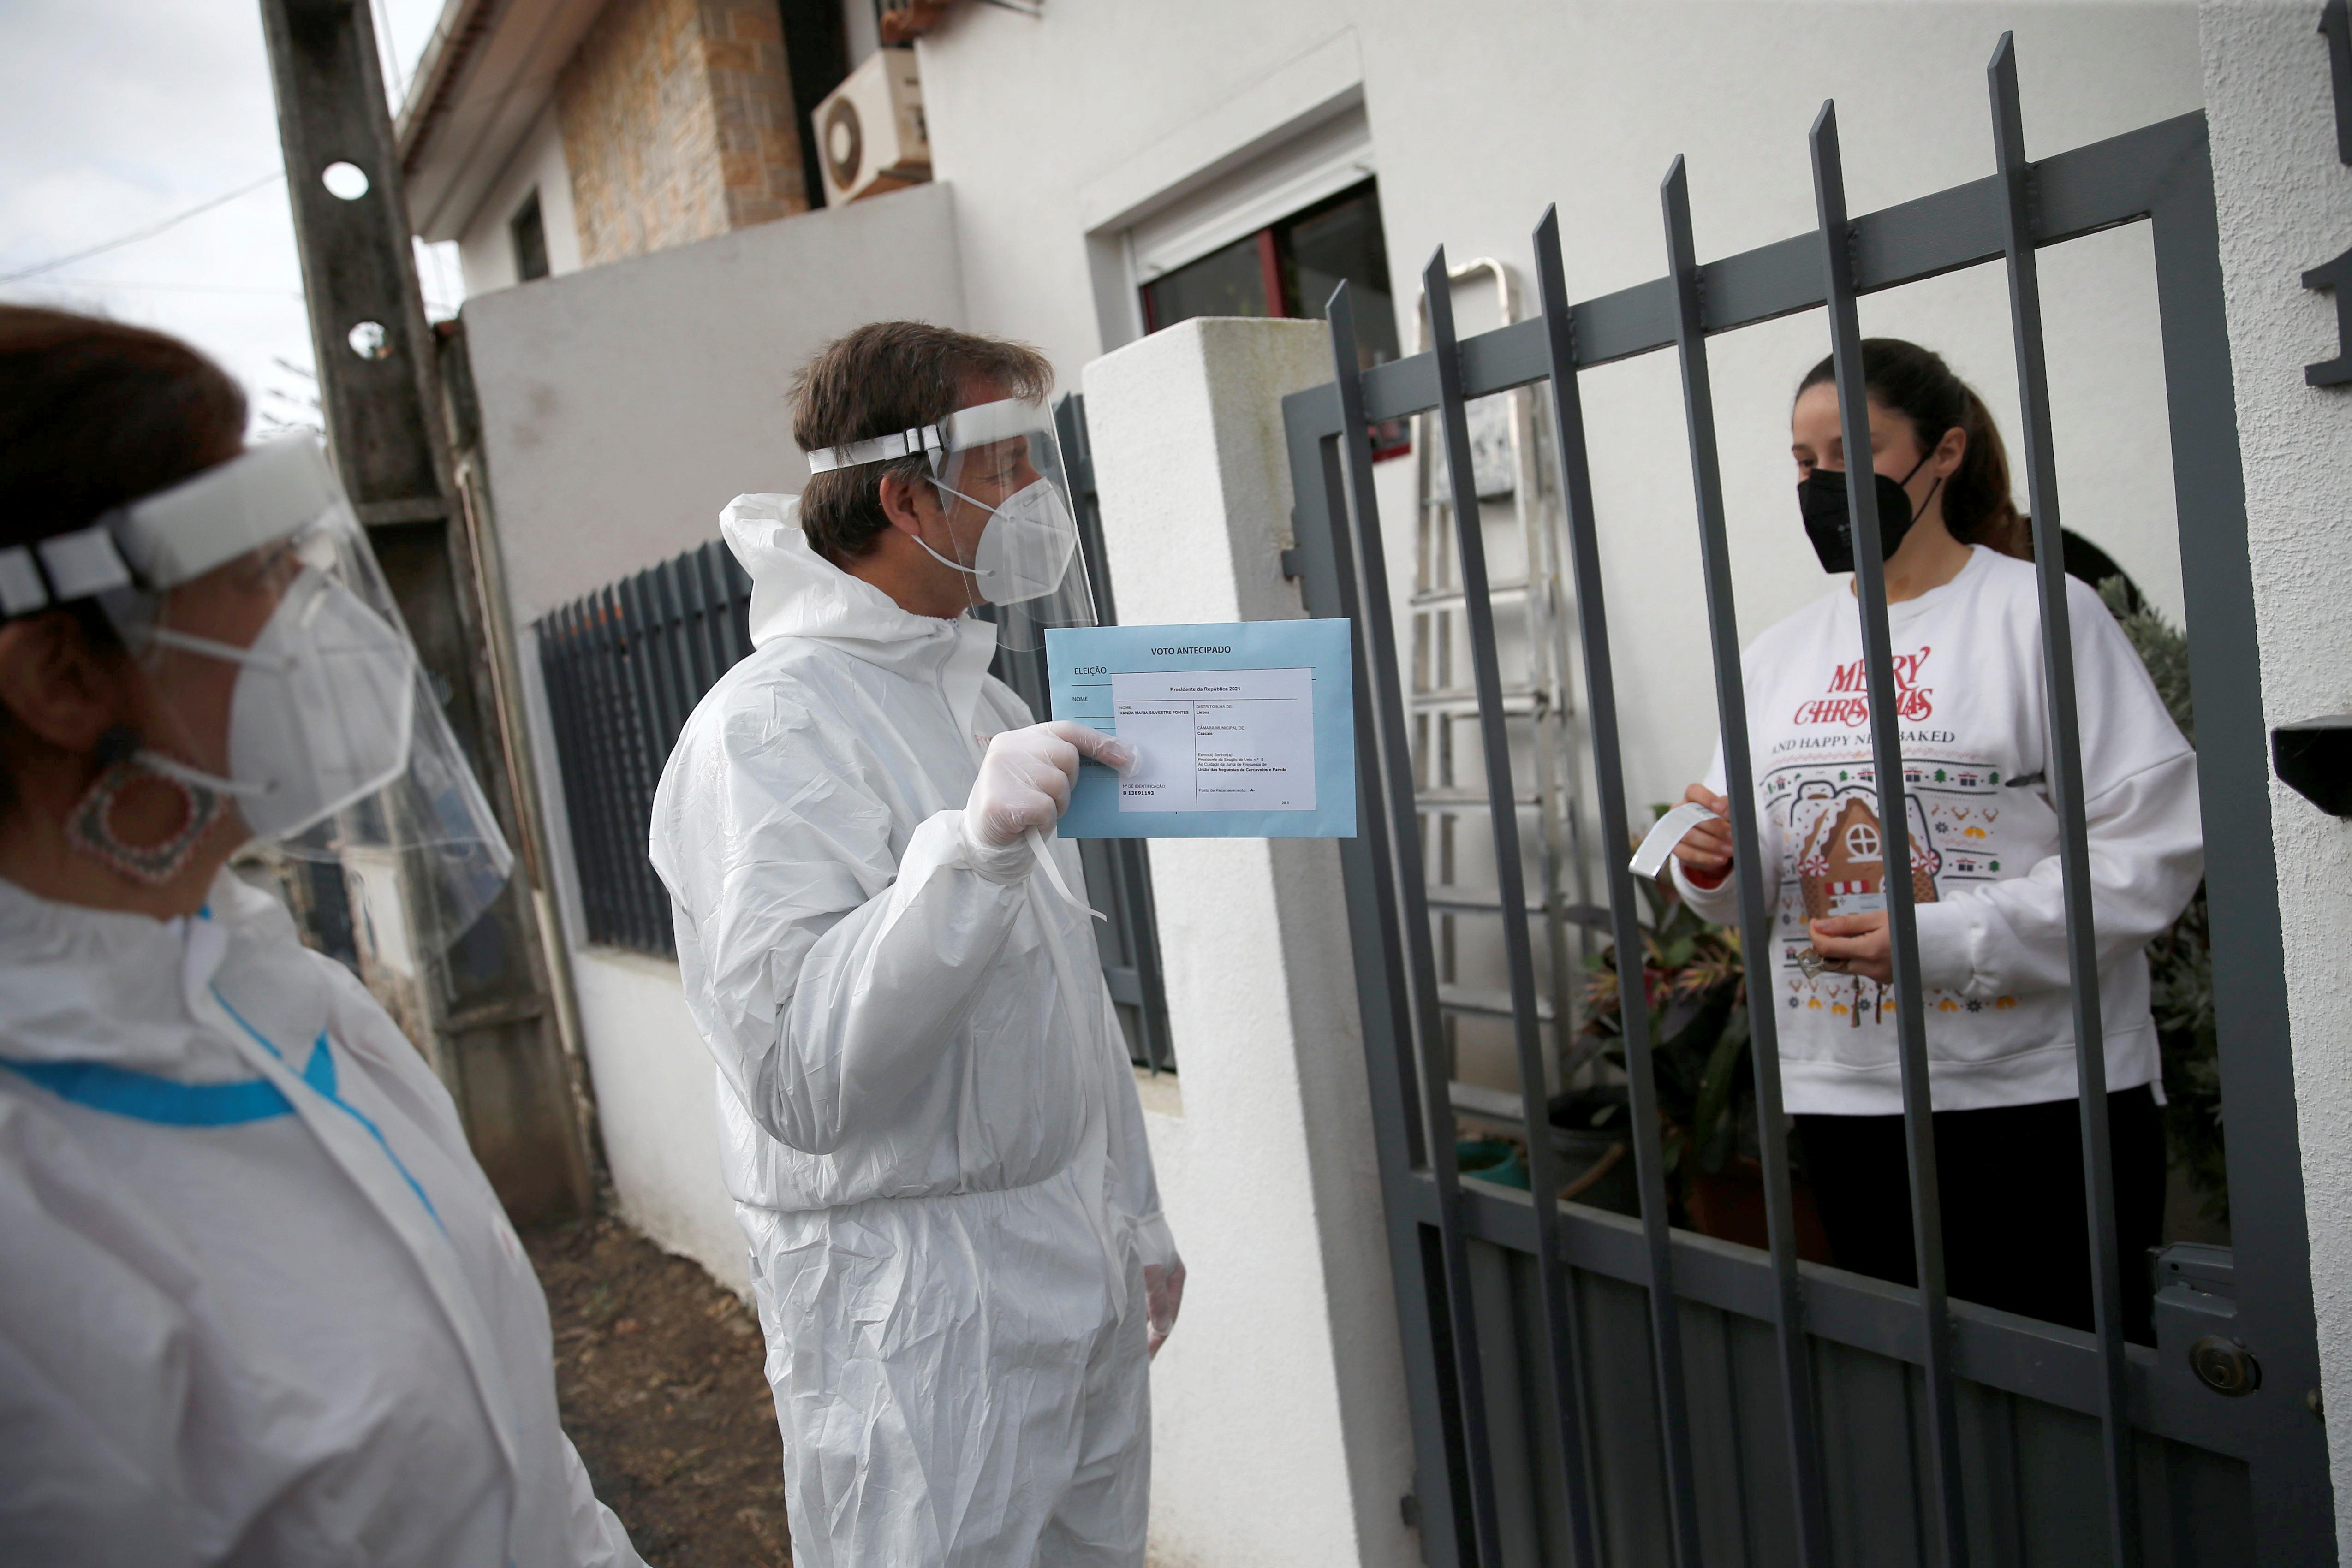 Trabajadores municipales recogen una papeleta para las elecciones del domingo de una votante en aislamiento, en Carcavelos.